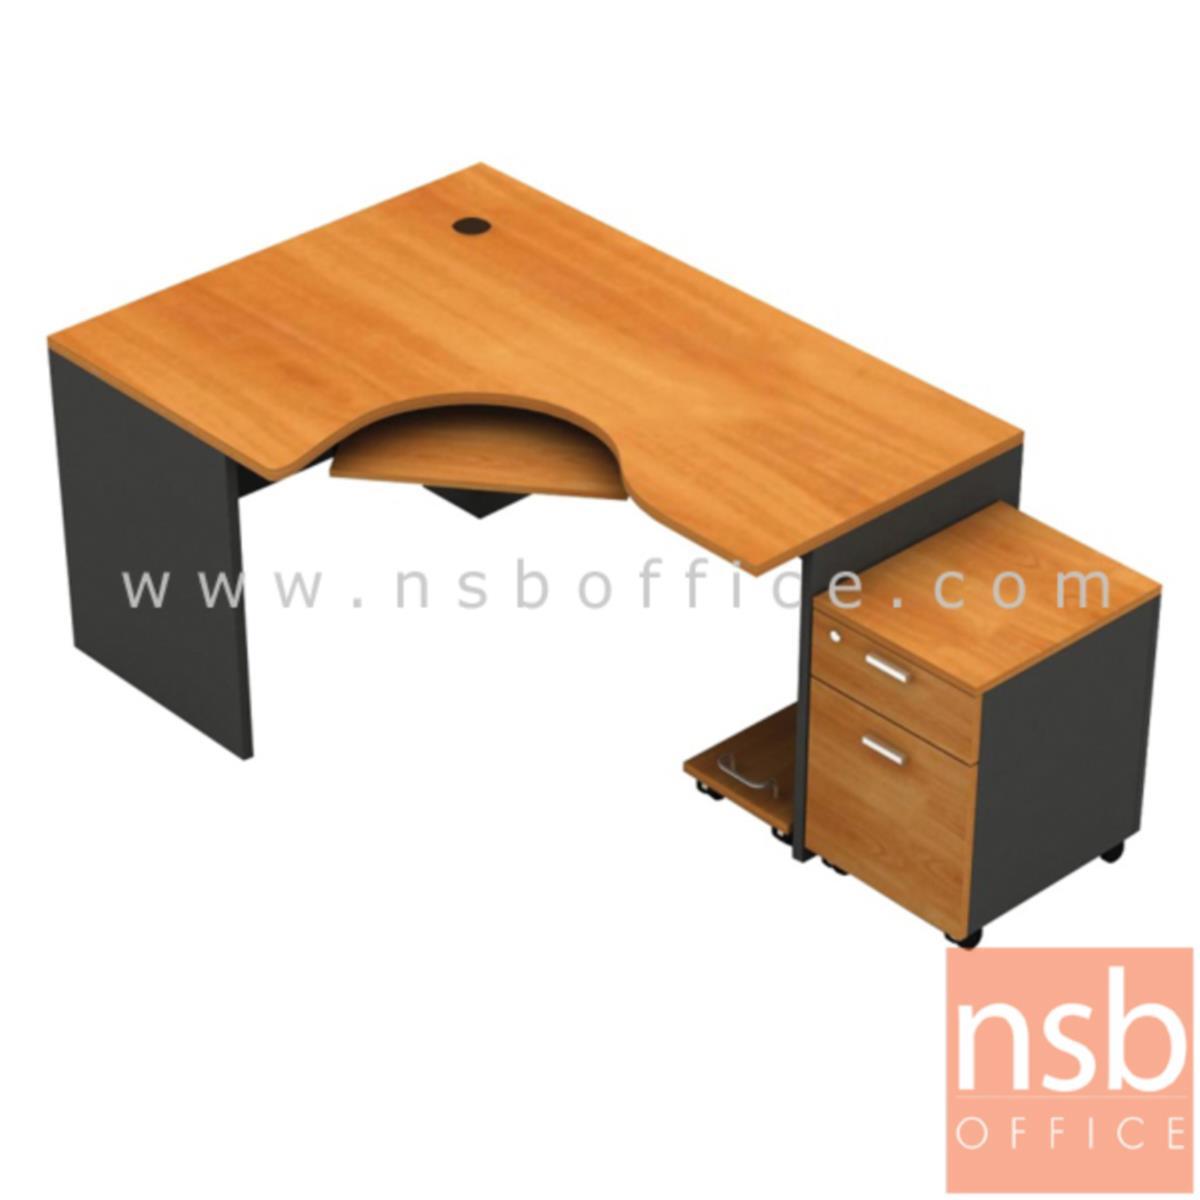 A13A003:โต๊ะผู้บริหารตัวแอลหน้าโค้งเว้า  รุ่น Airiam (แอริซึ่ม) ขนาด 165W1*120W2 cm. พร้อมคีย์บอร์ด ที่วางซีพียู ตู้ลิ้นชักล้อเลื่อน